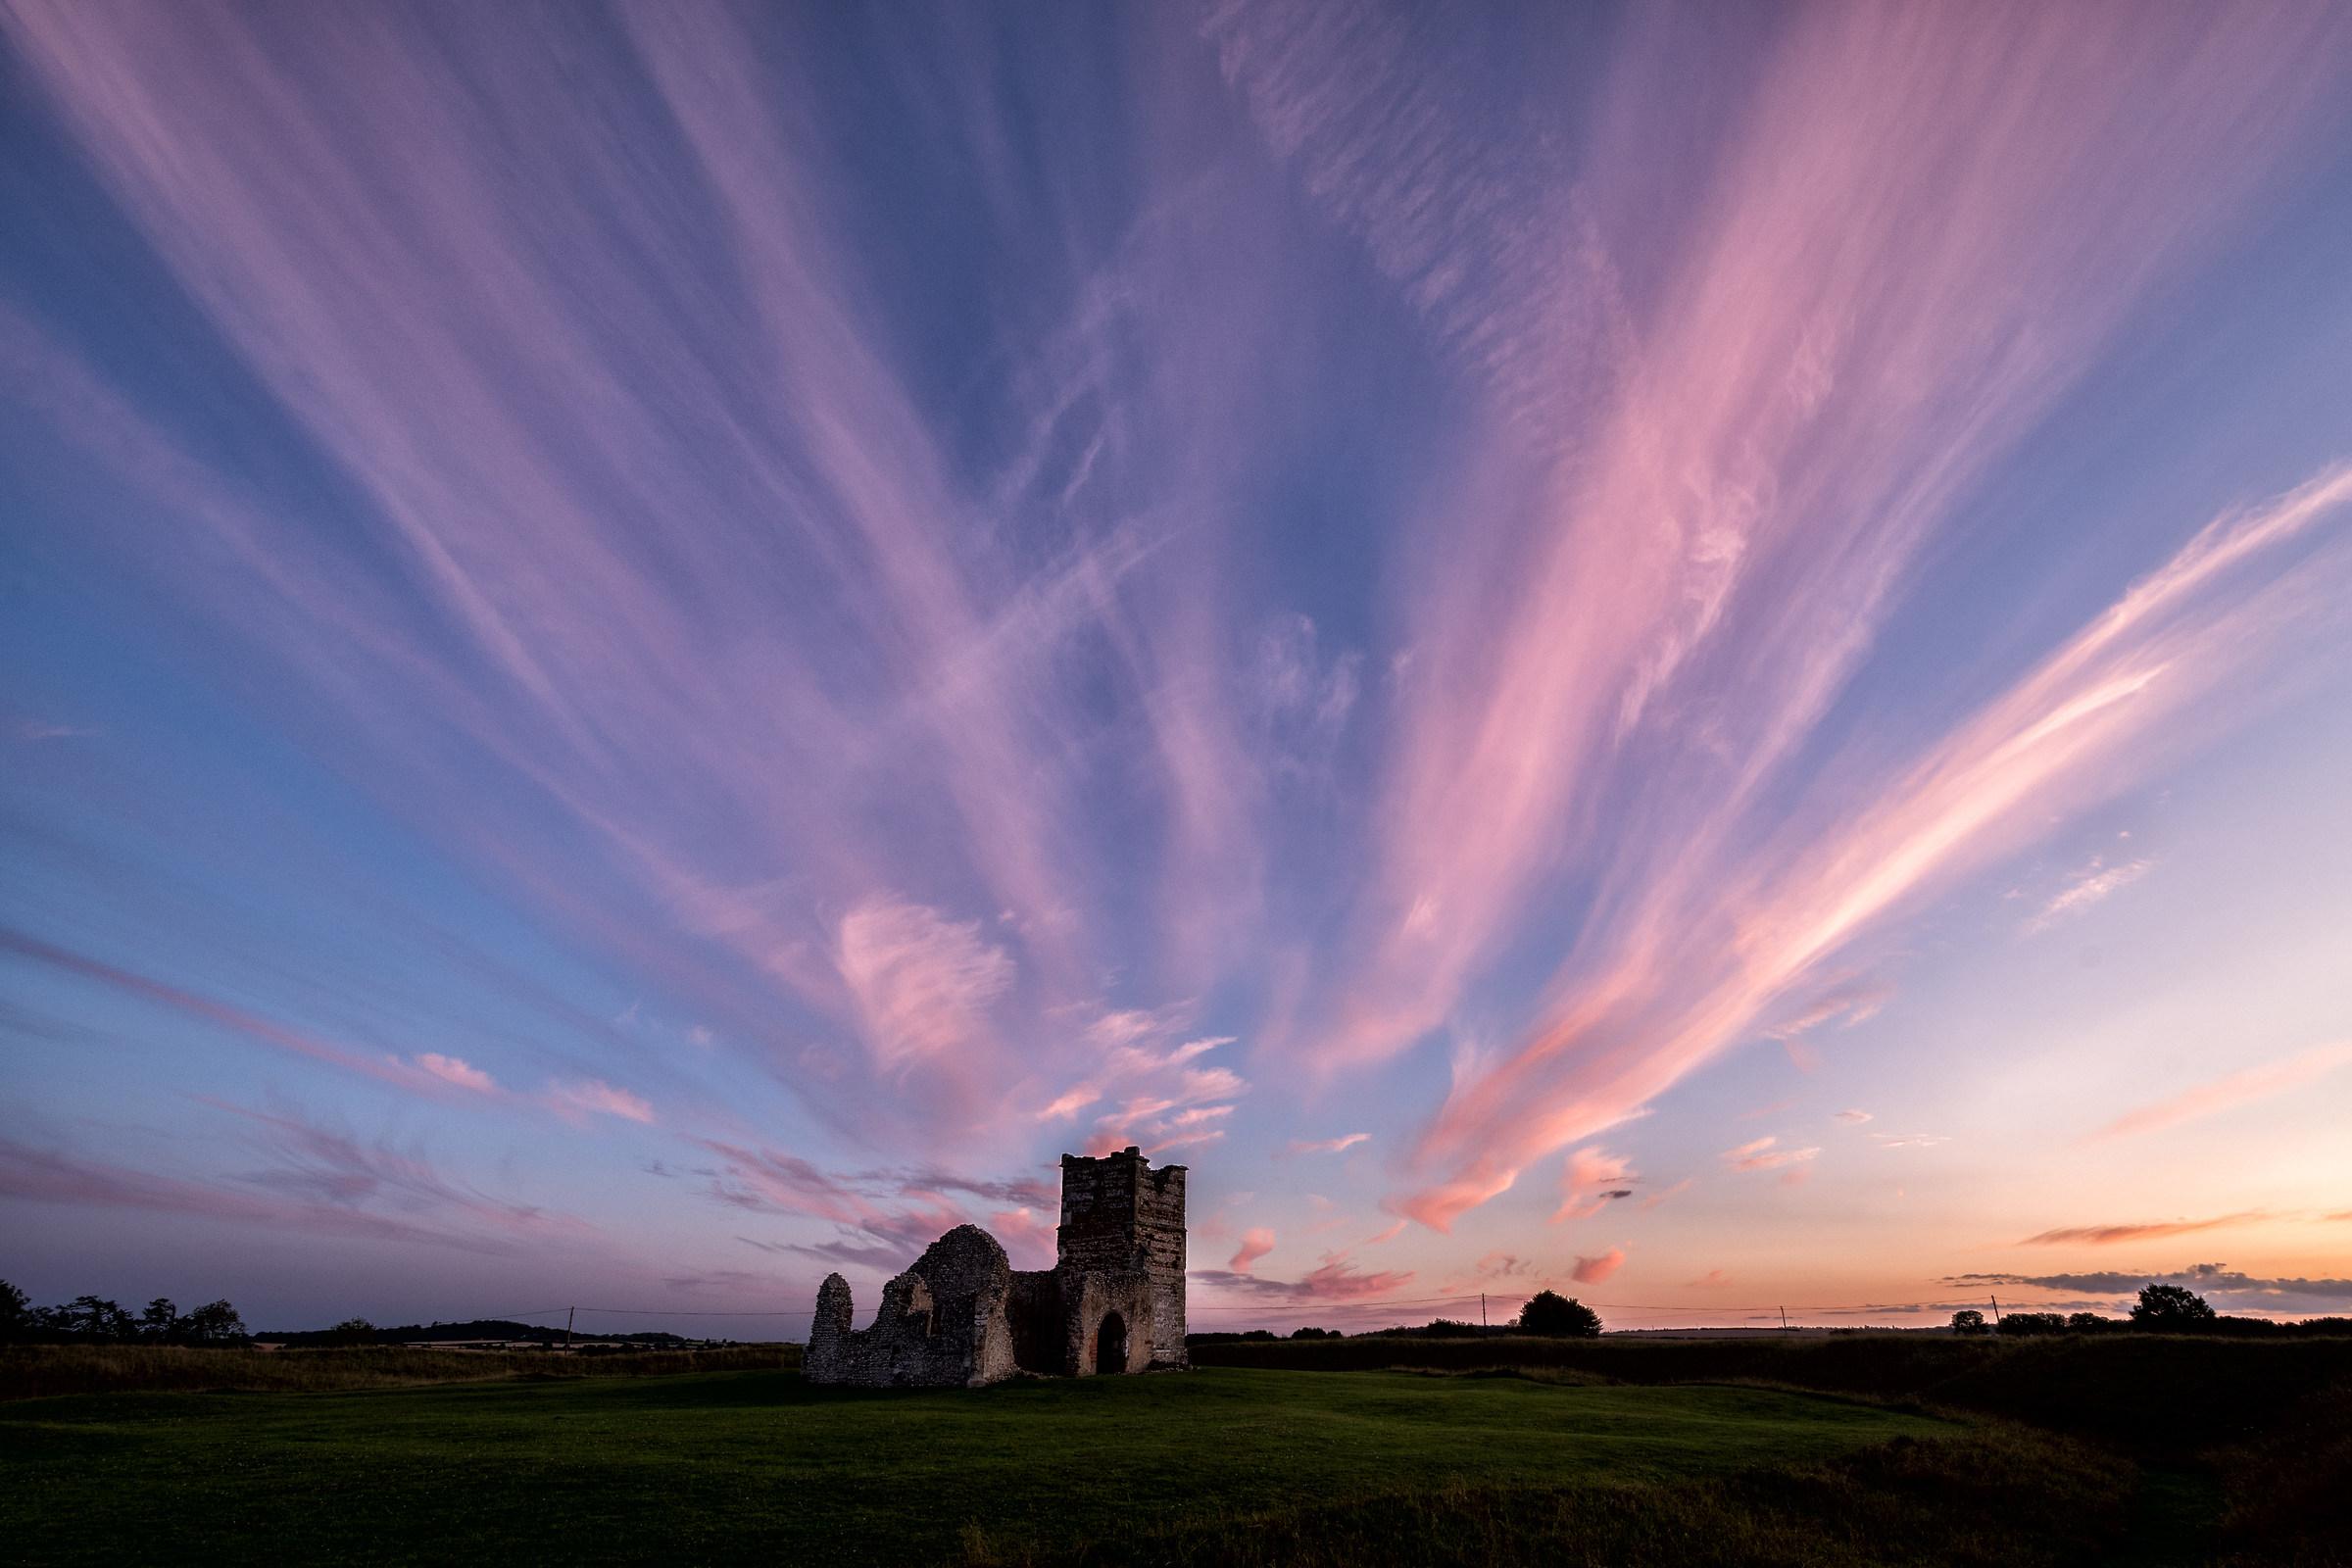 Tonight's Sunset Over Knowlton Church...